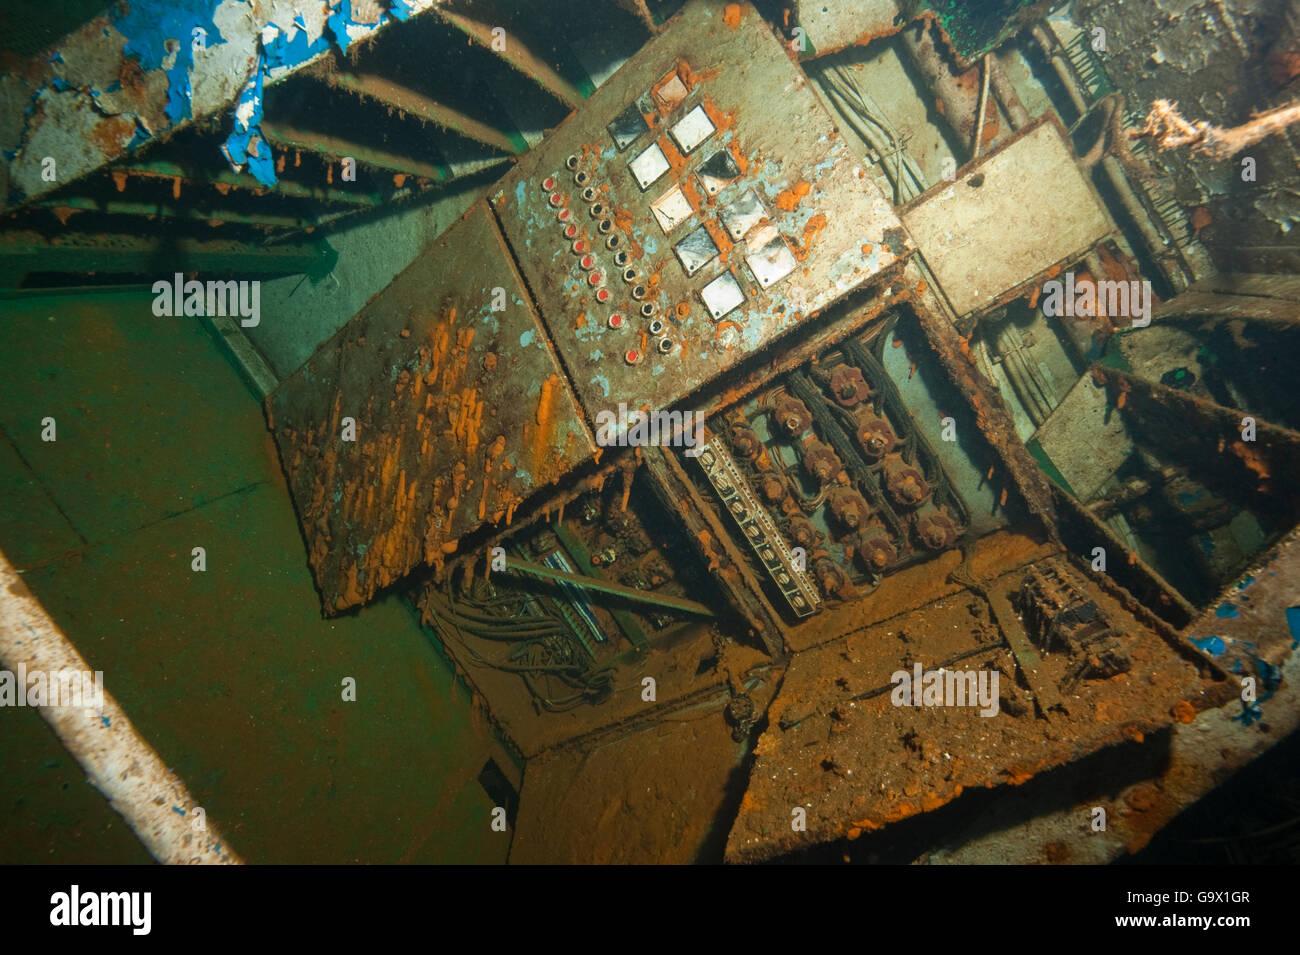 Relitto El Pejin, elettricità camera, underwaterphoto, Tabaiba, Tenerife, Isole Canaray, Spagna, Europa, Atlantic Immagini Stock